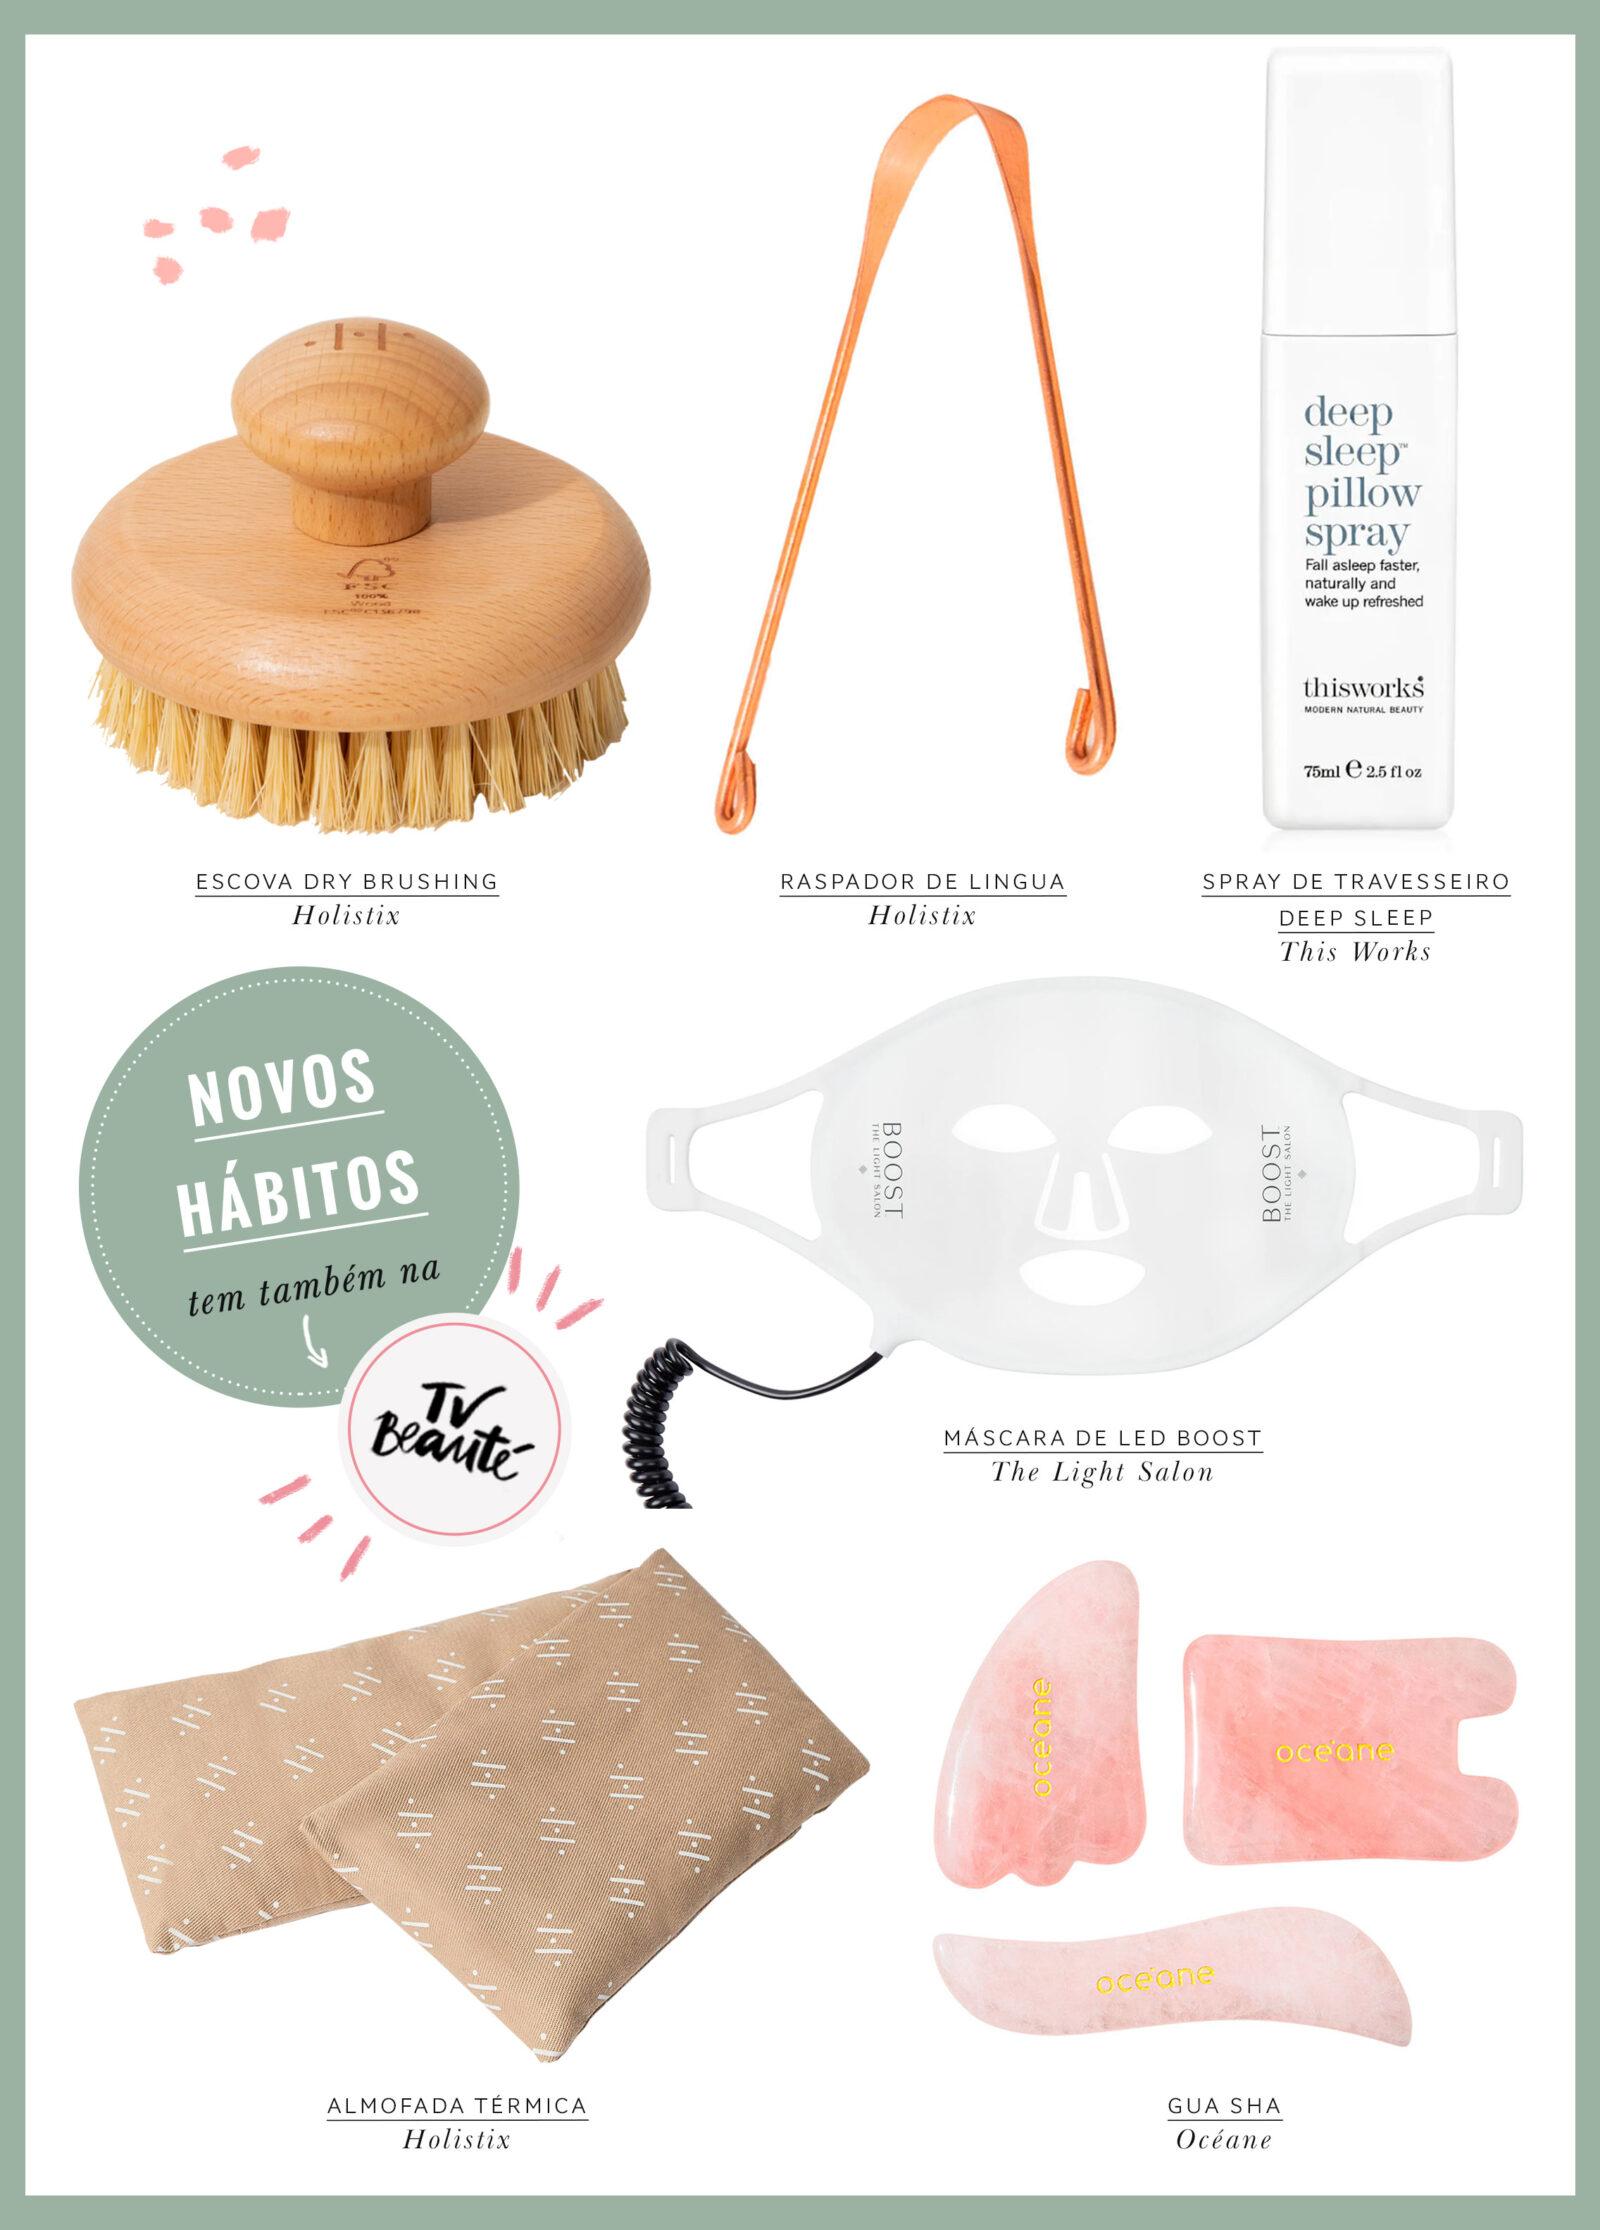 produtos de bem estar: almofada terminca, gua sha, spray de travesseiro, raspador de lingua e escova dry bryshing